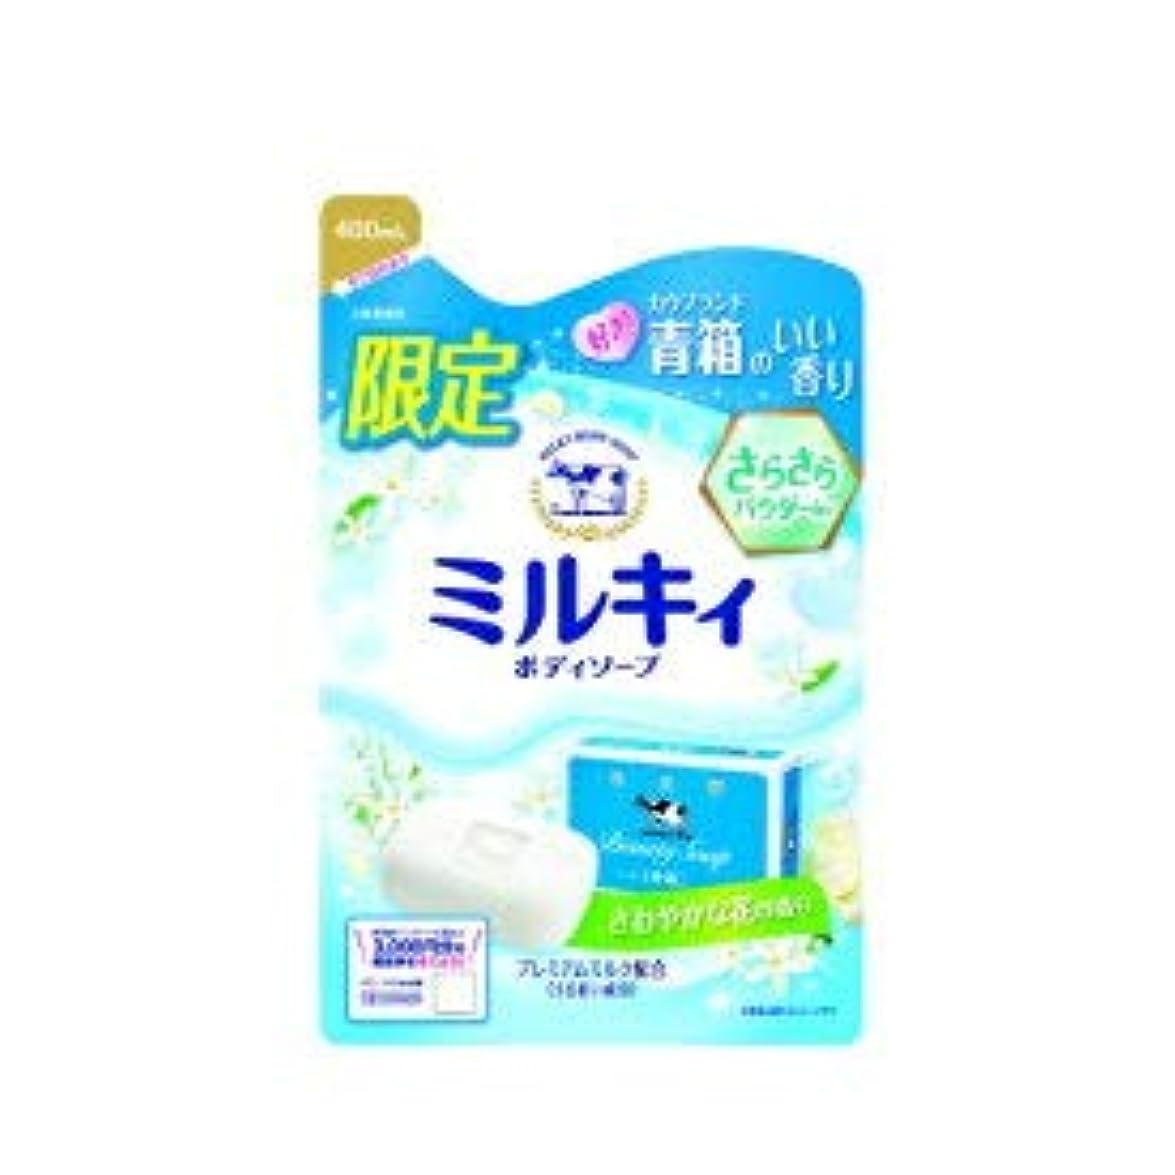 アラバマバタフライ賢い【限定】ミルキィボディソープ 青箱の香り 詰替 400ml